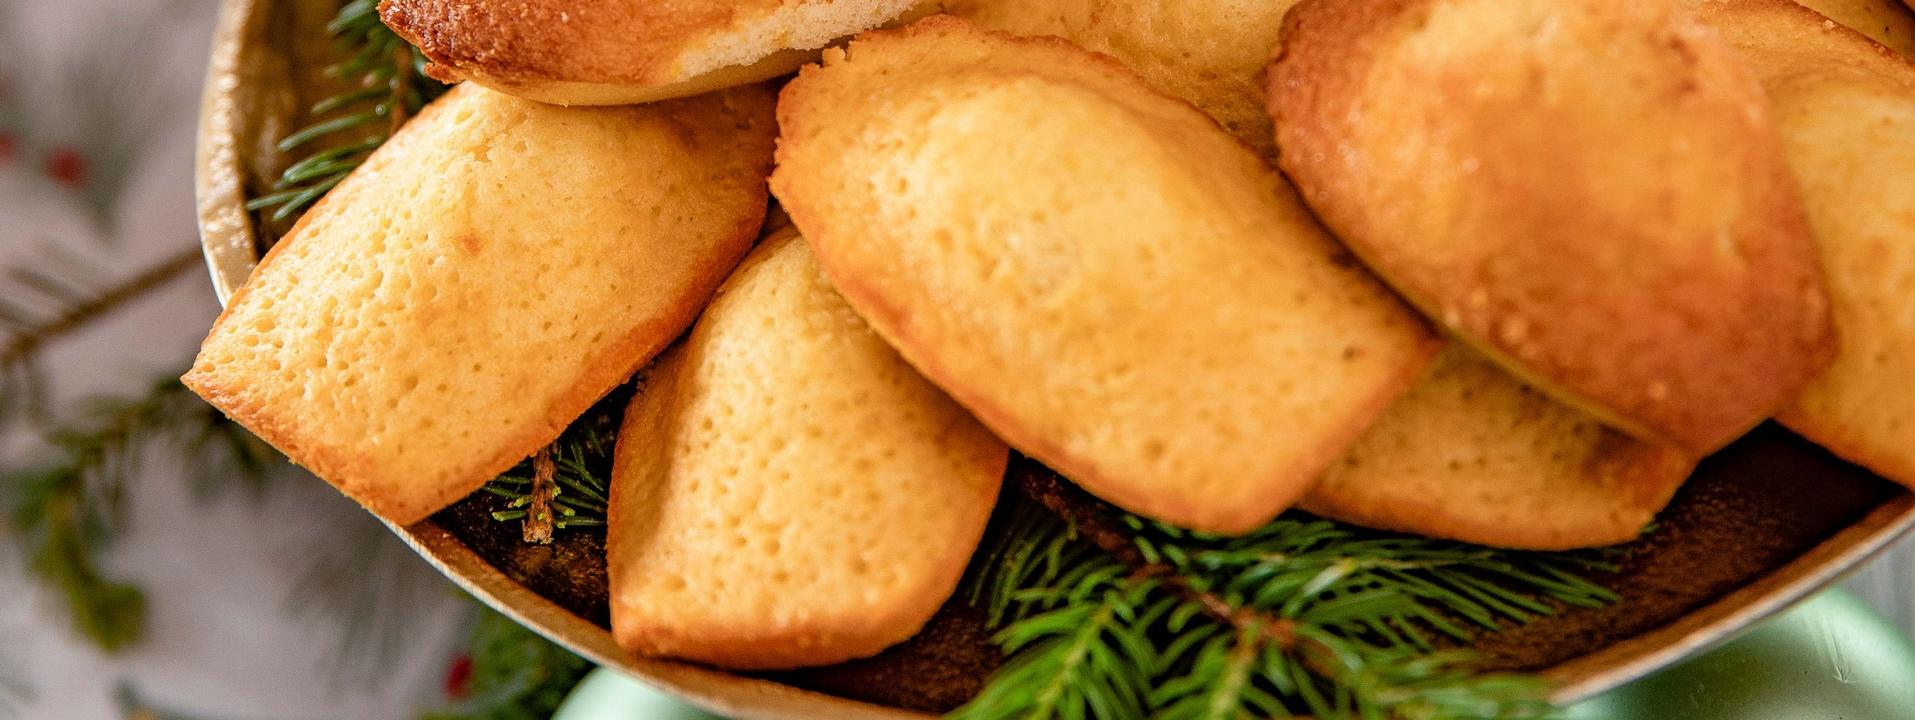 Biscuits, macarons et autres gourmandises sucrées